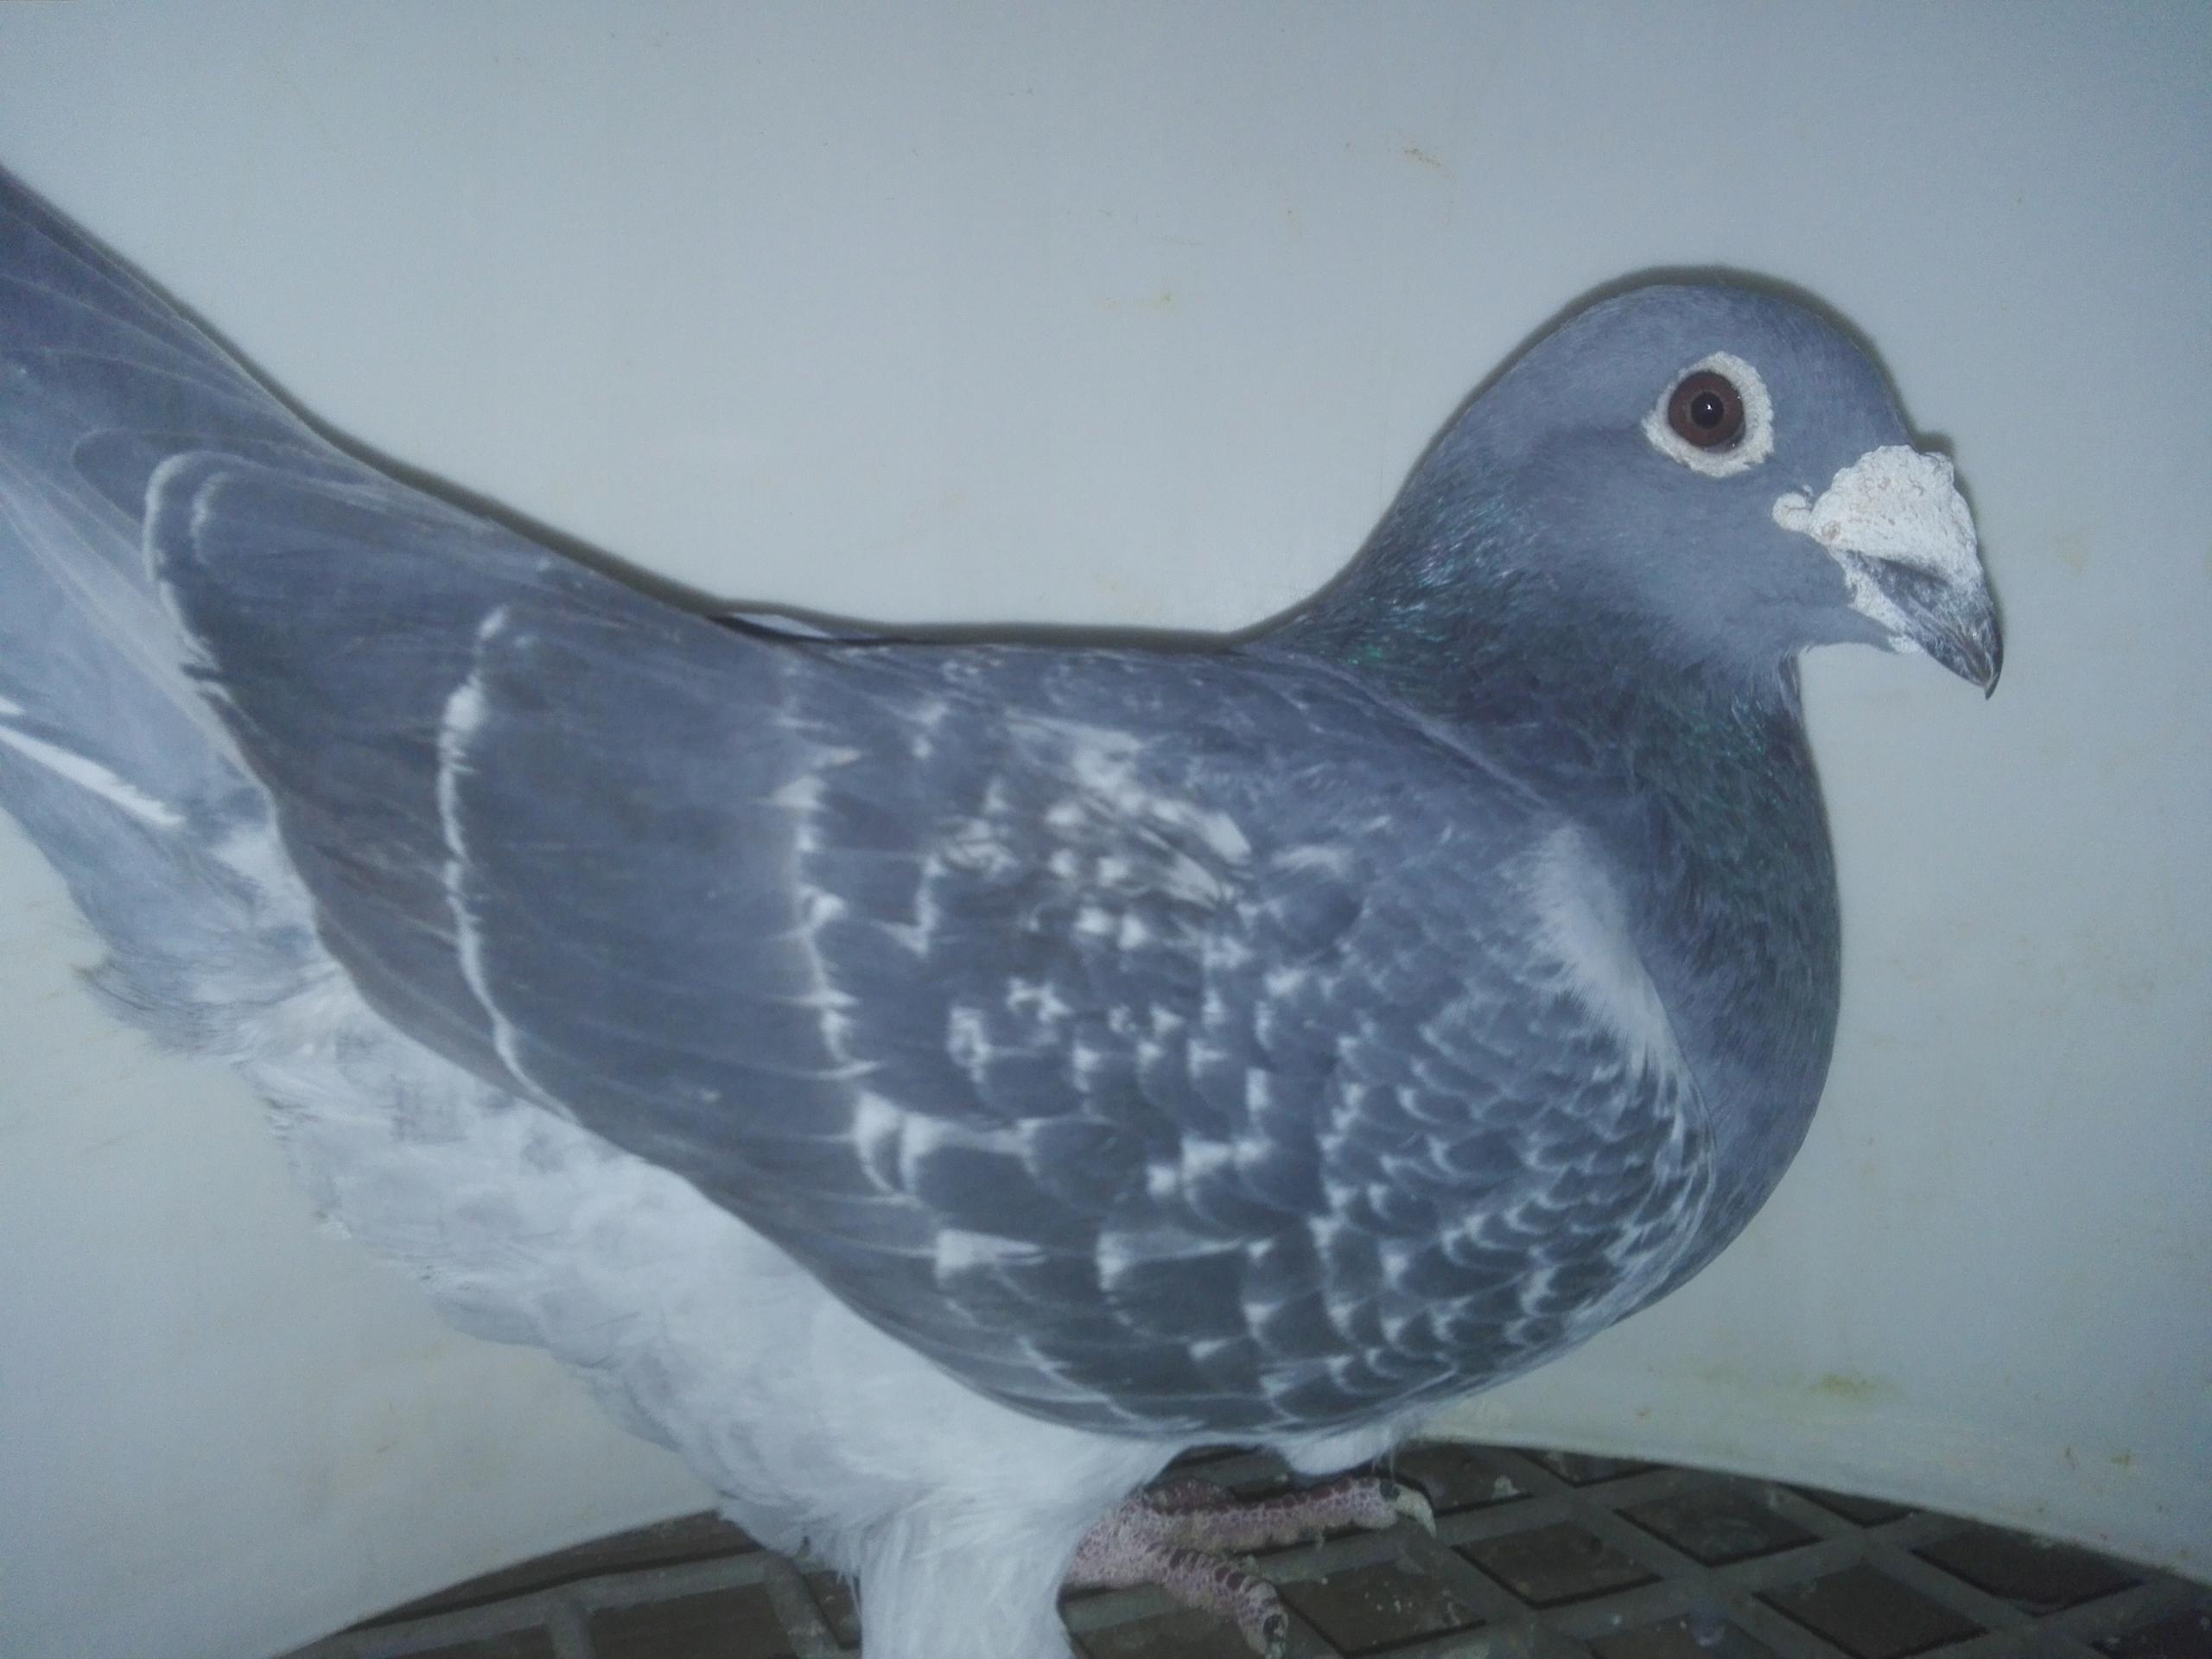 Gołąb gołębie likwidacja hodowli aareden wojtowicz